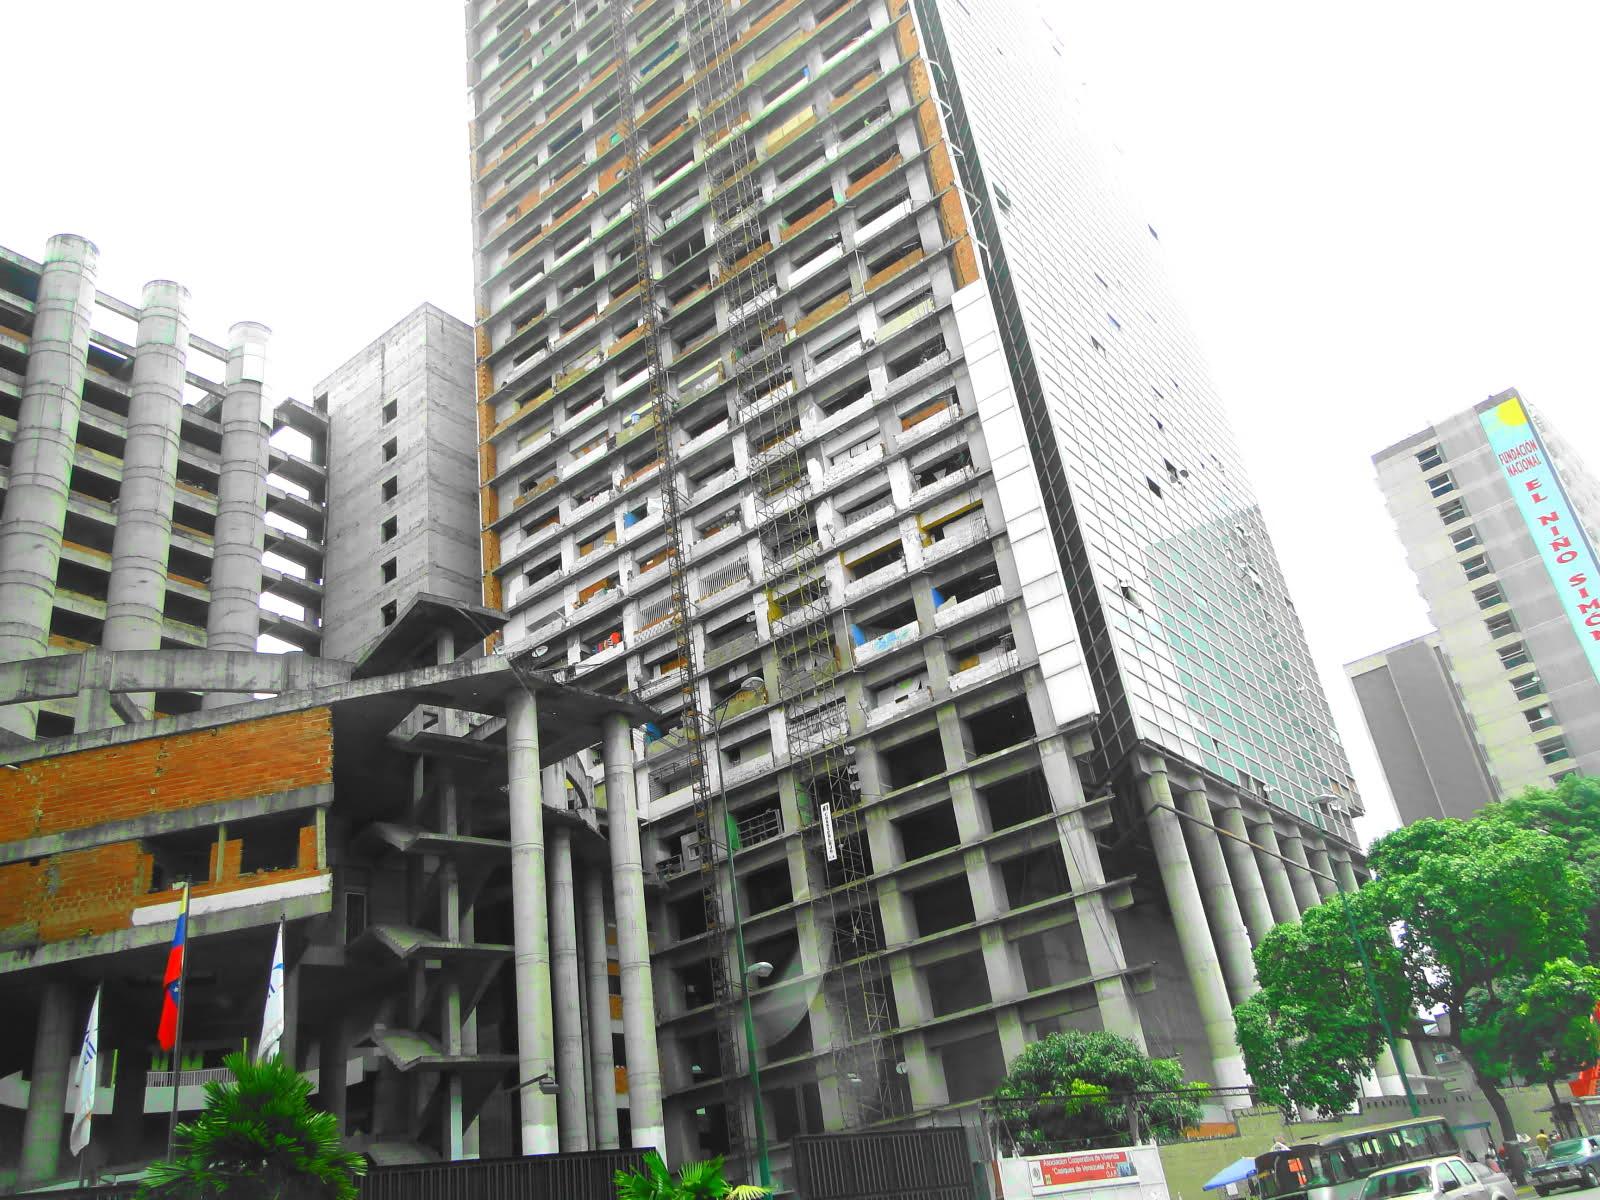 原创            中国银行曾想买的海外烂尾楼:高度全国第三,却被抛弃26年没人要